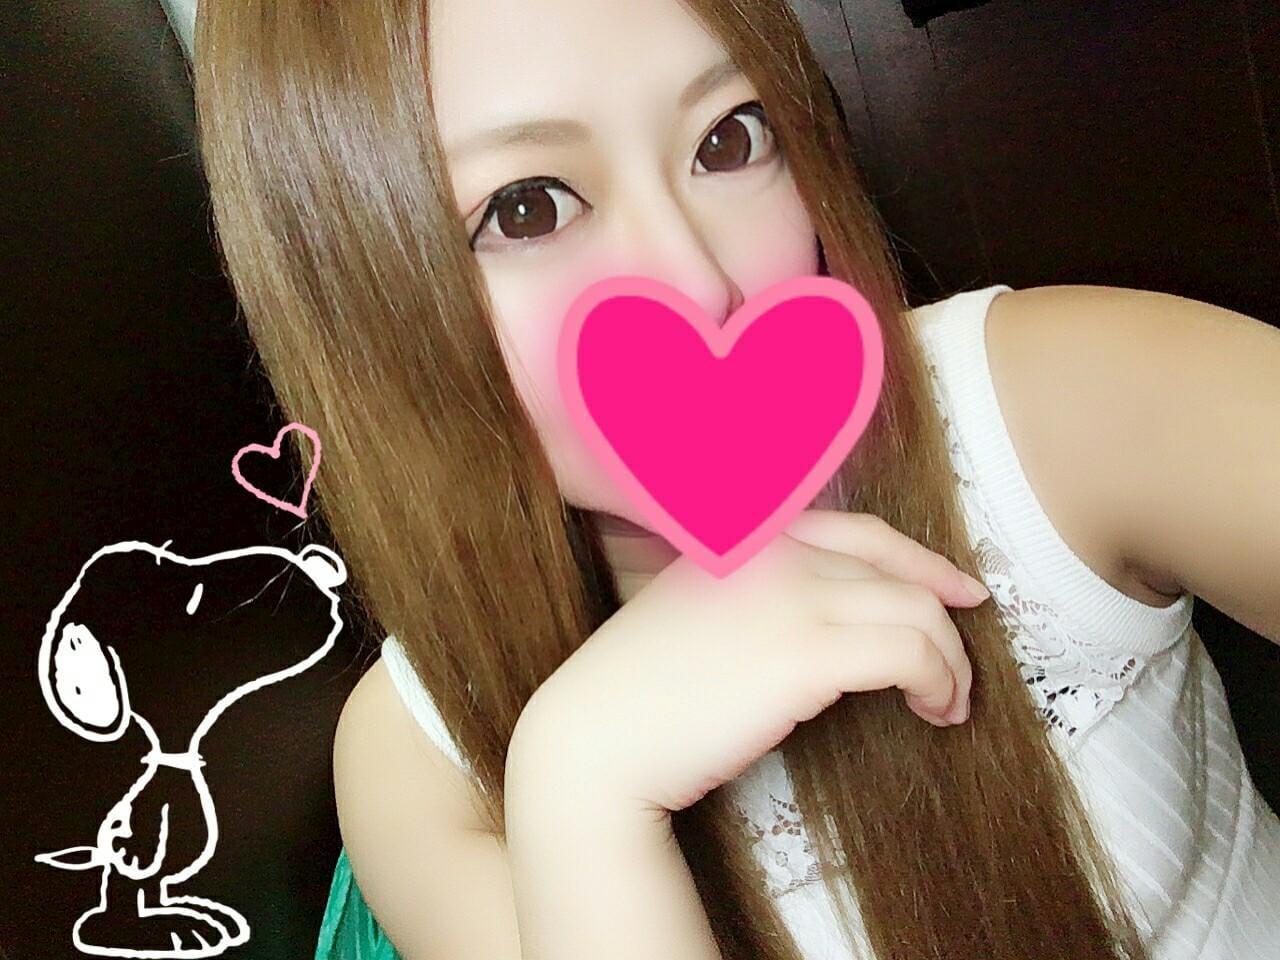 「しゅか@出勤」11/23(金) 19:11   しゅかの写メ・風俗動画